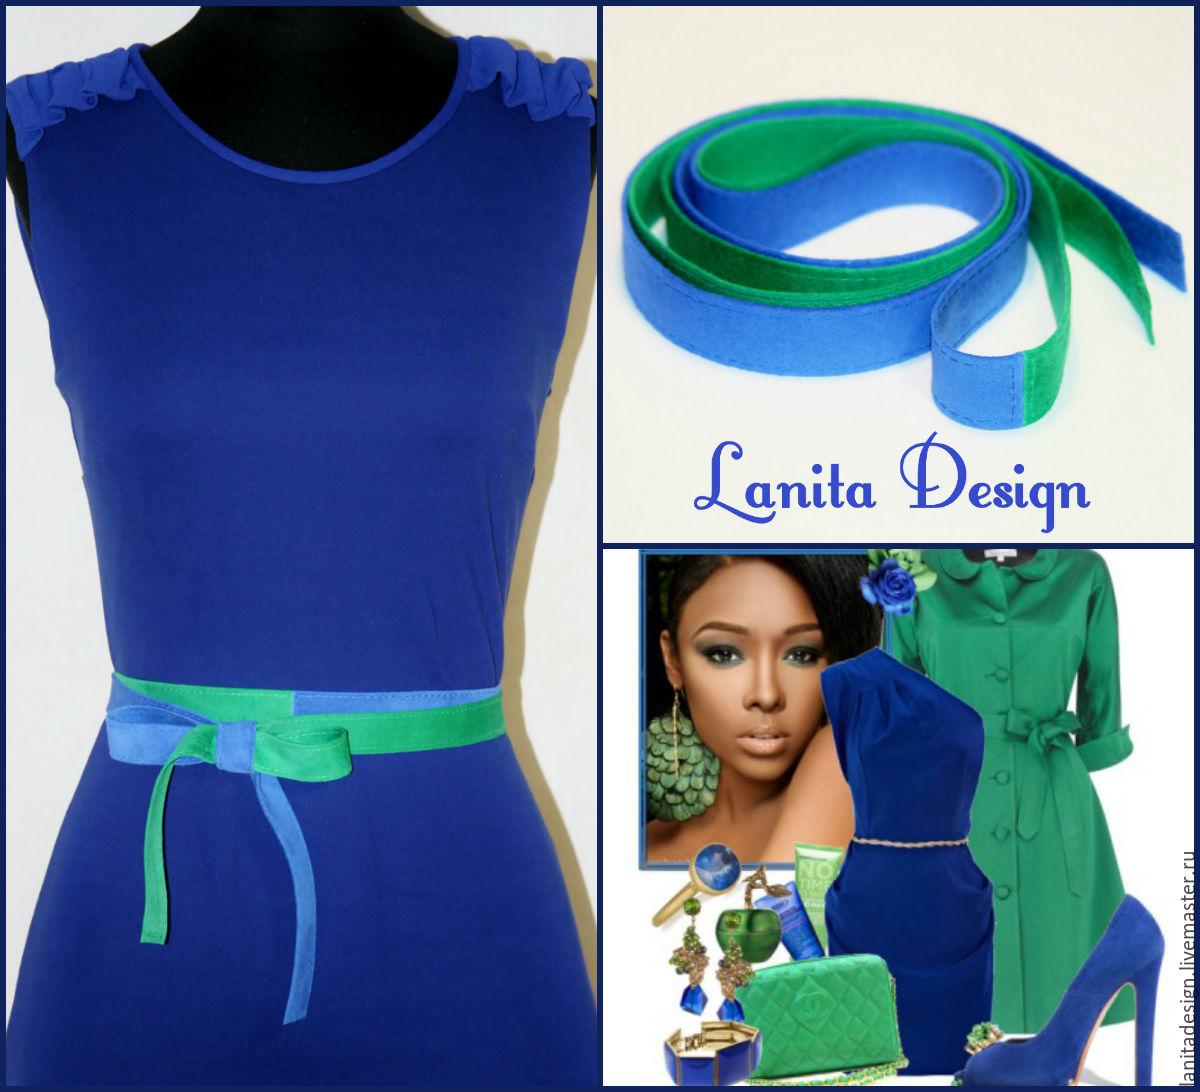 Пояса, кушаки, ремни, браслеты Lanita Design. Замшевый пояс `Blue Green`. Ручная работа. Handmade. Ярмарка Мастеров.